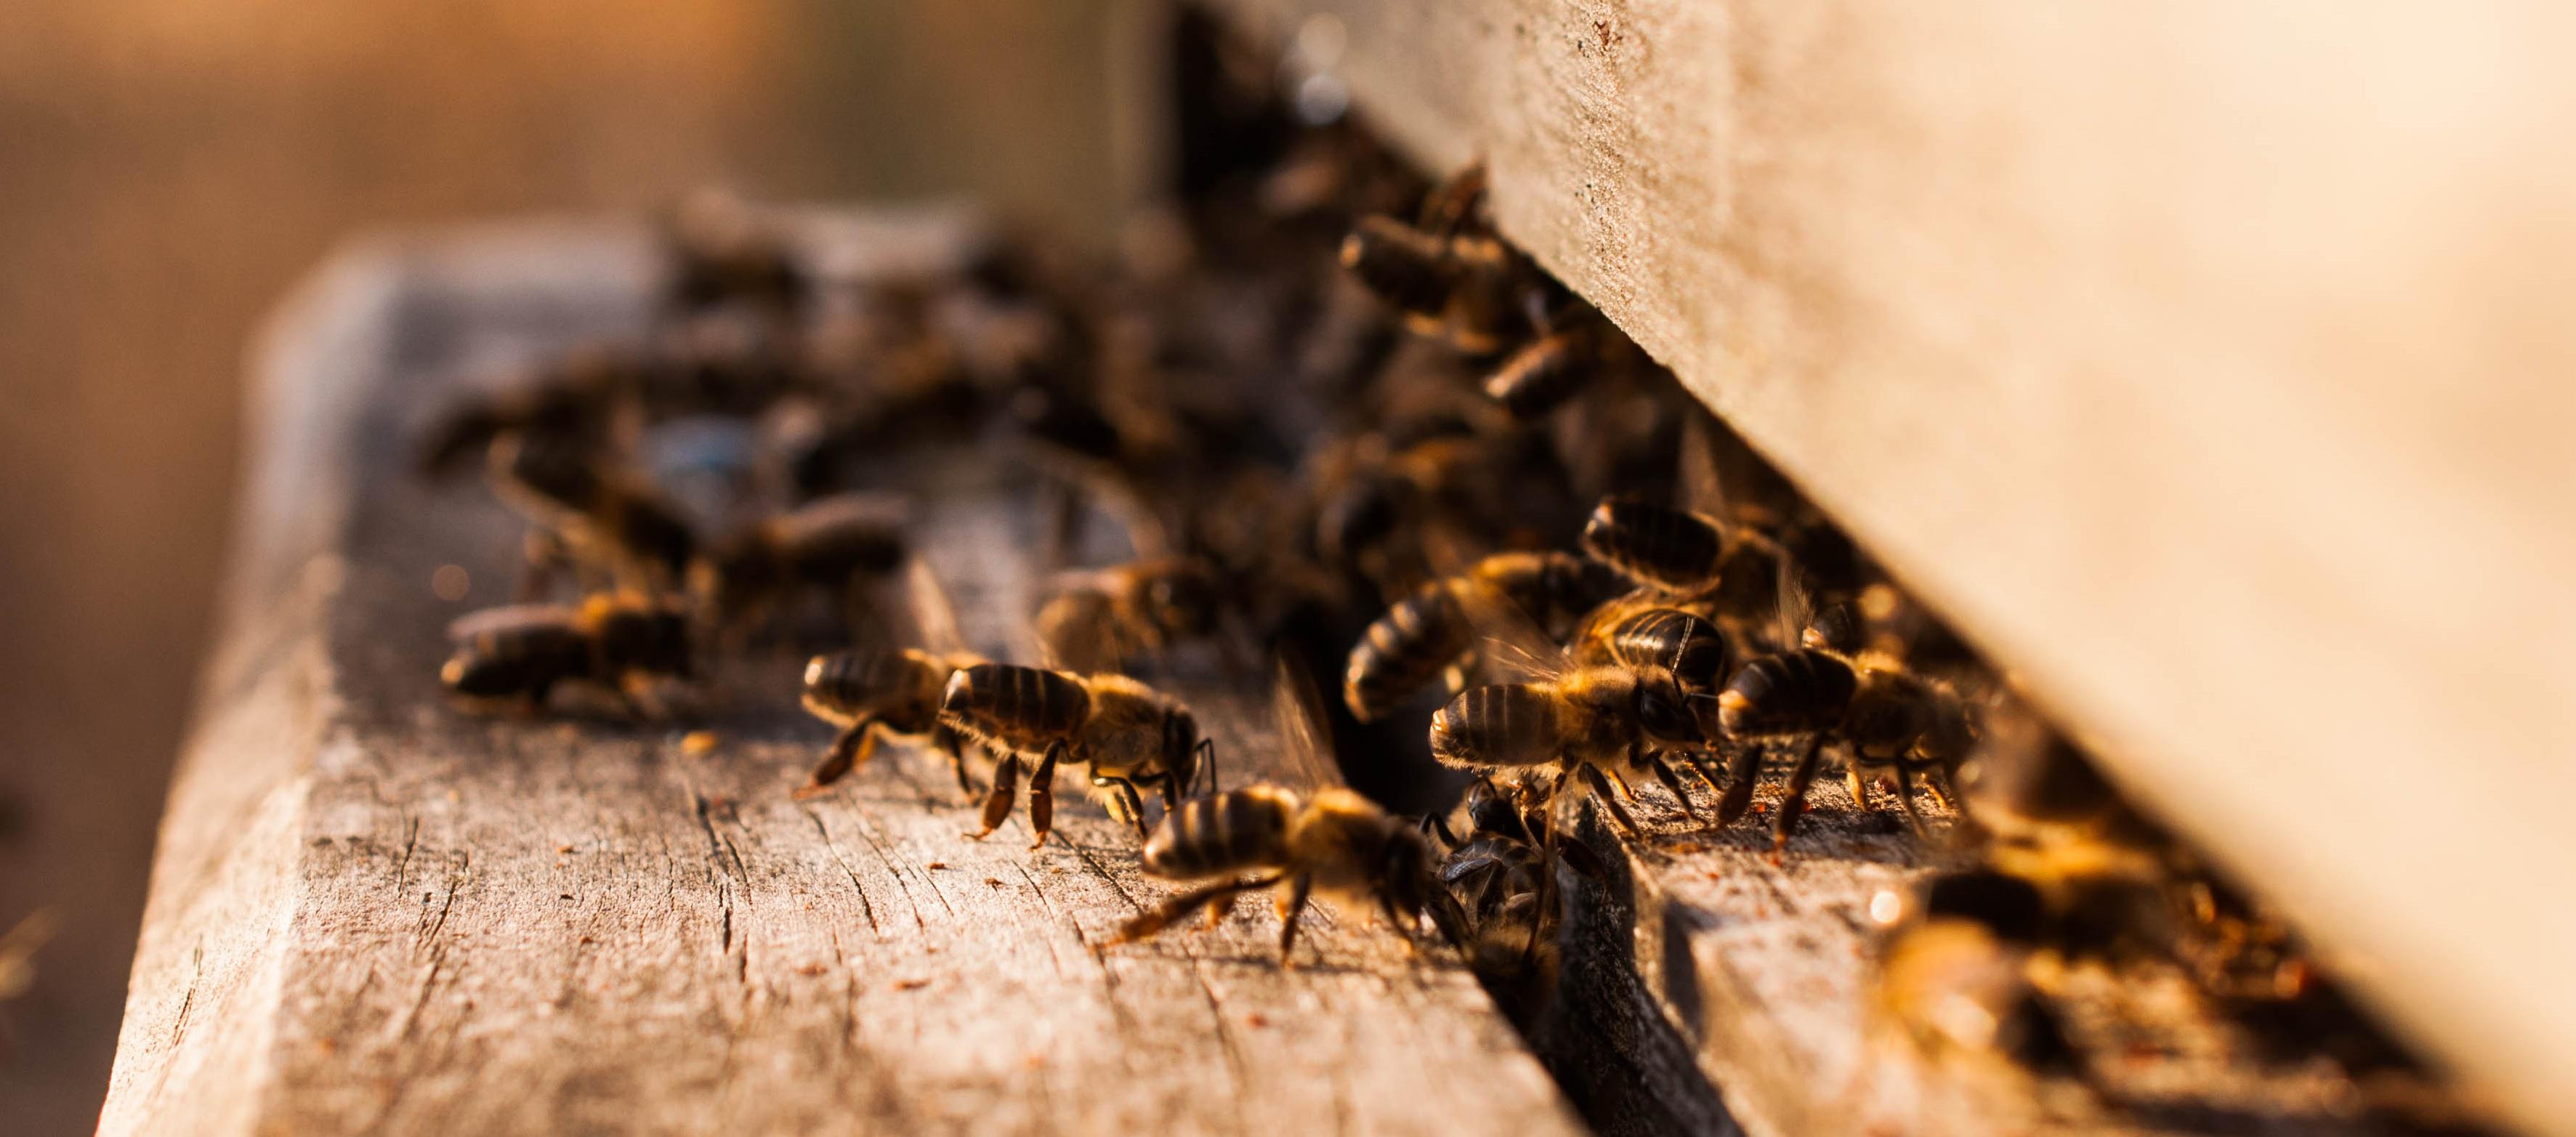 animal welfare bienestar animal Las obreras de aliste cb abejas miel